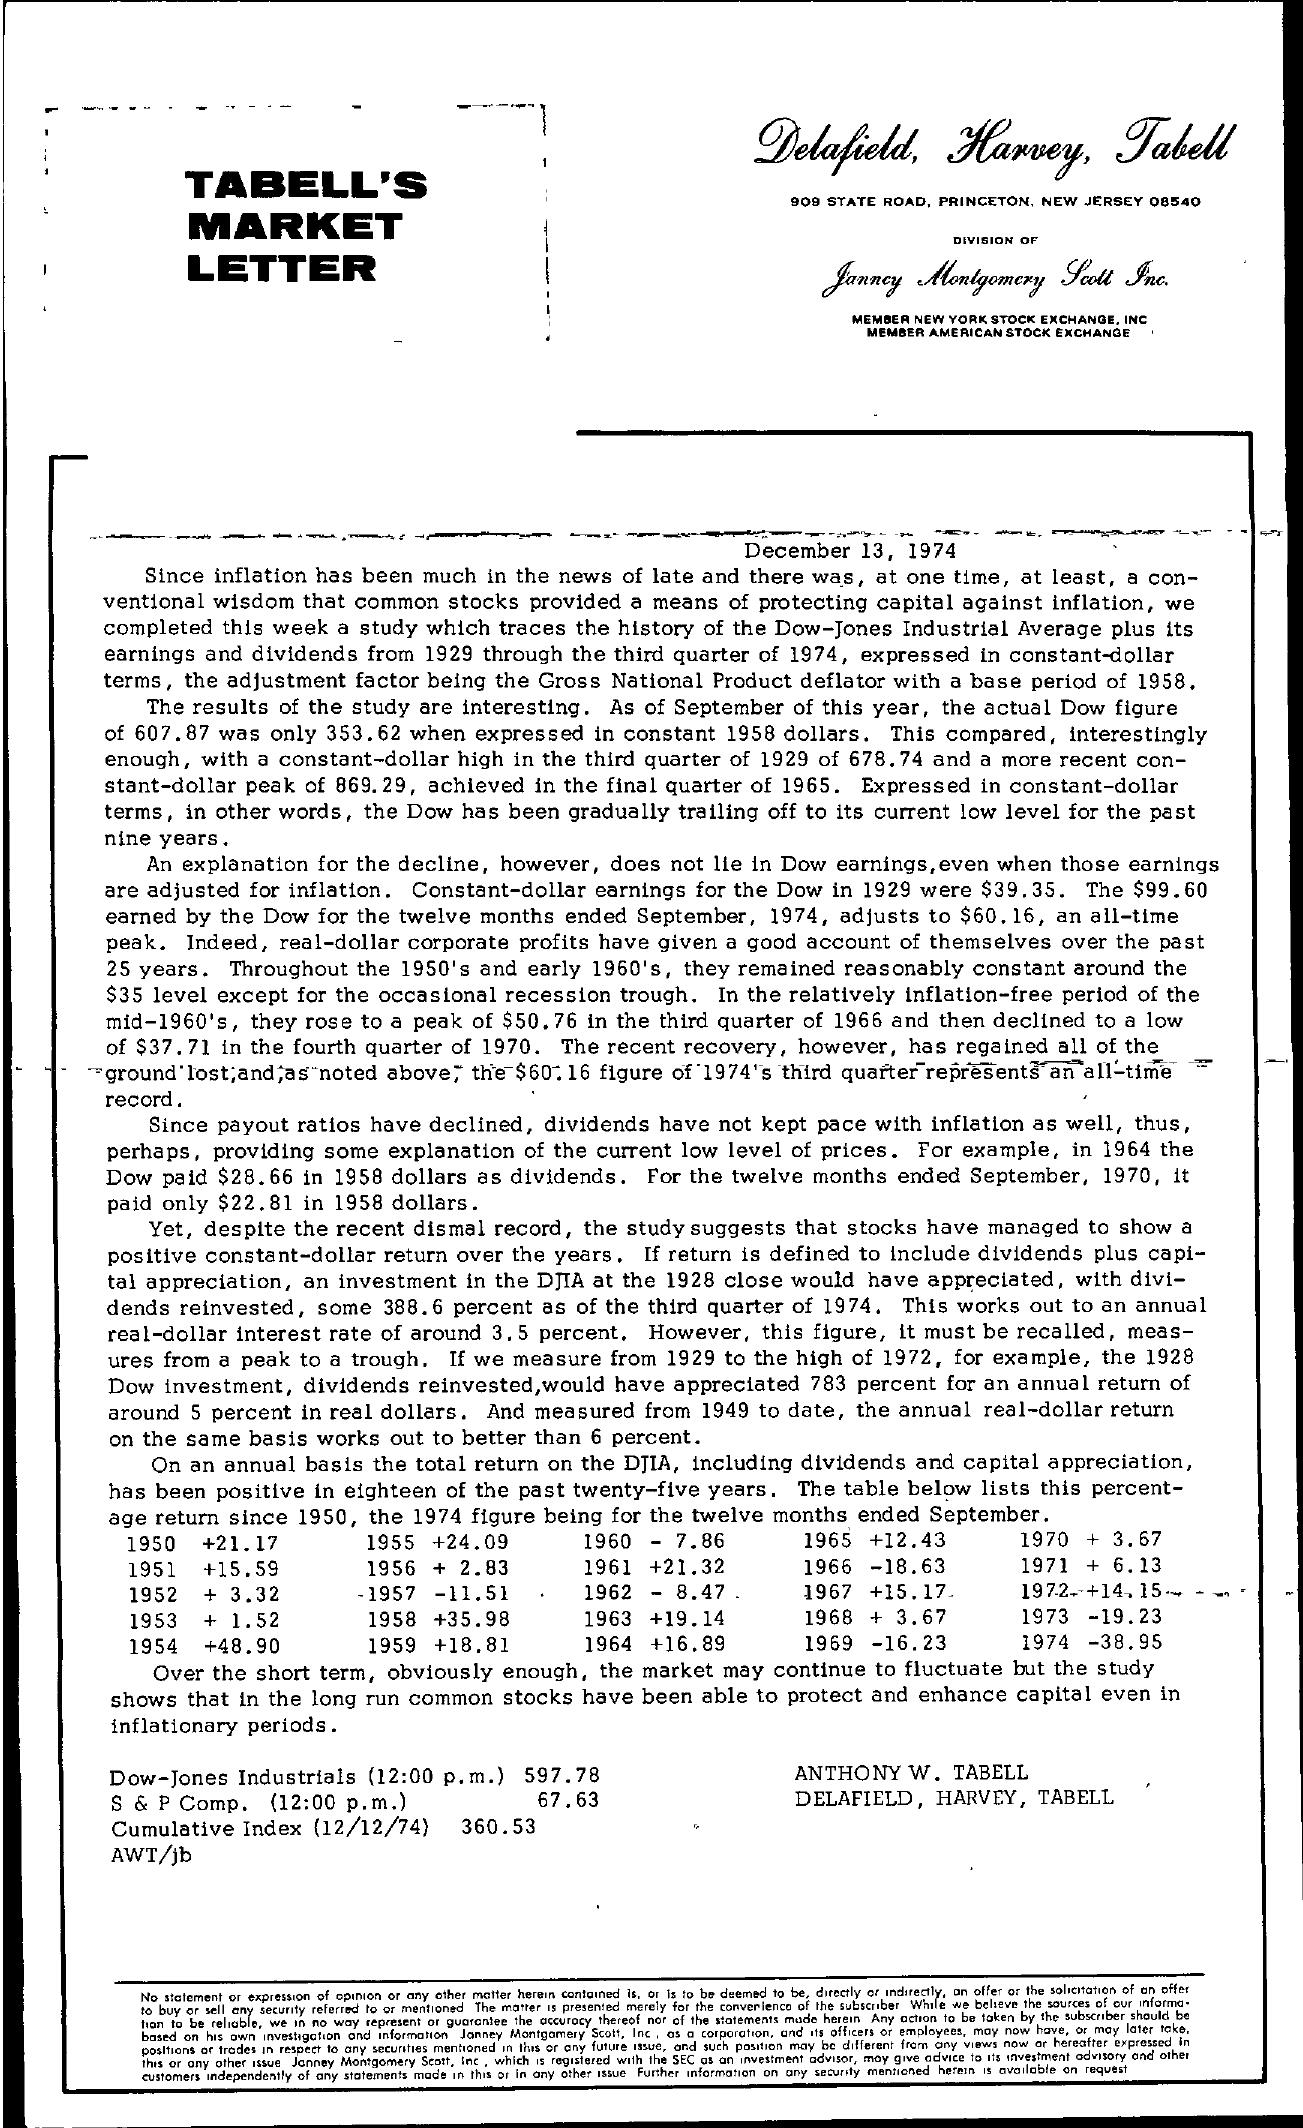 Tabell's Market Letter - December 13, 1974